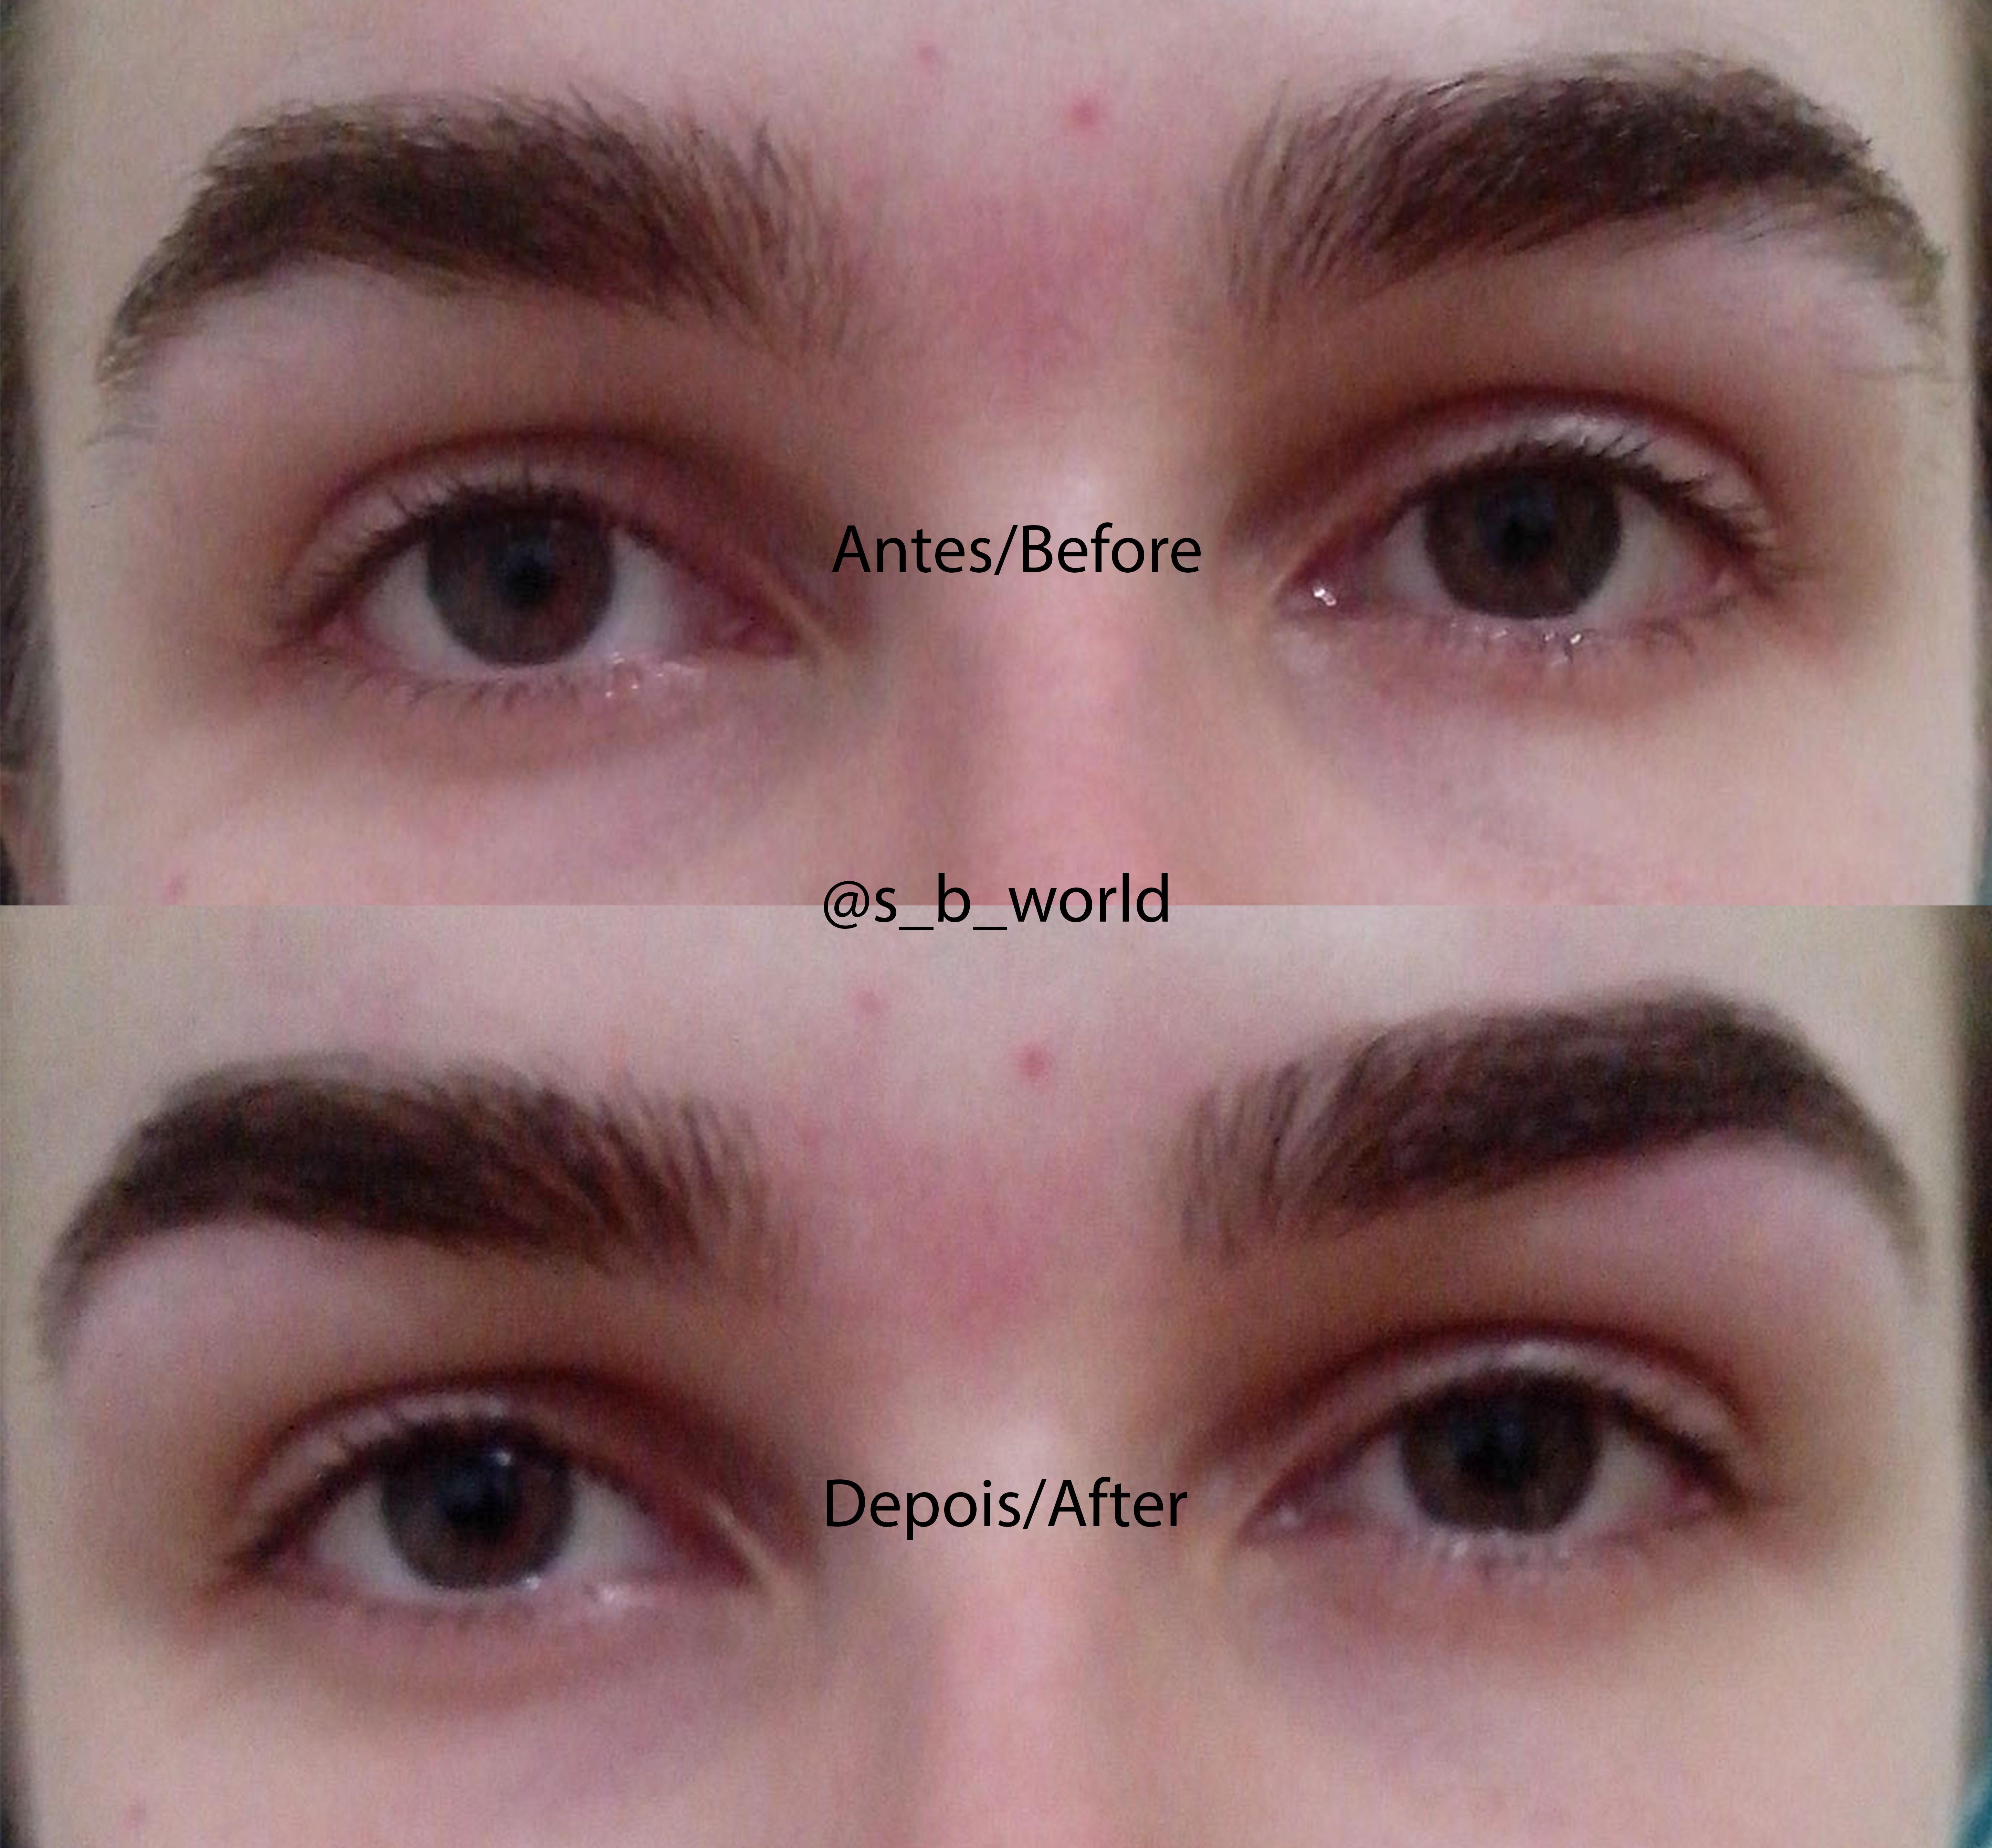 cabeleireiro(a) auxiliar cabeleireiro(a) maquiador(a) manicure e pedicure designer de sobrancelhas